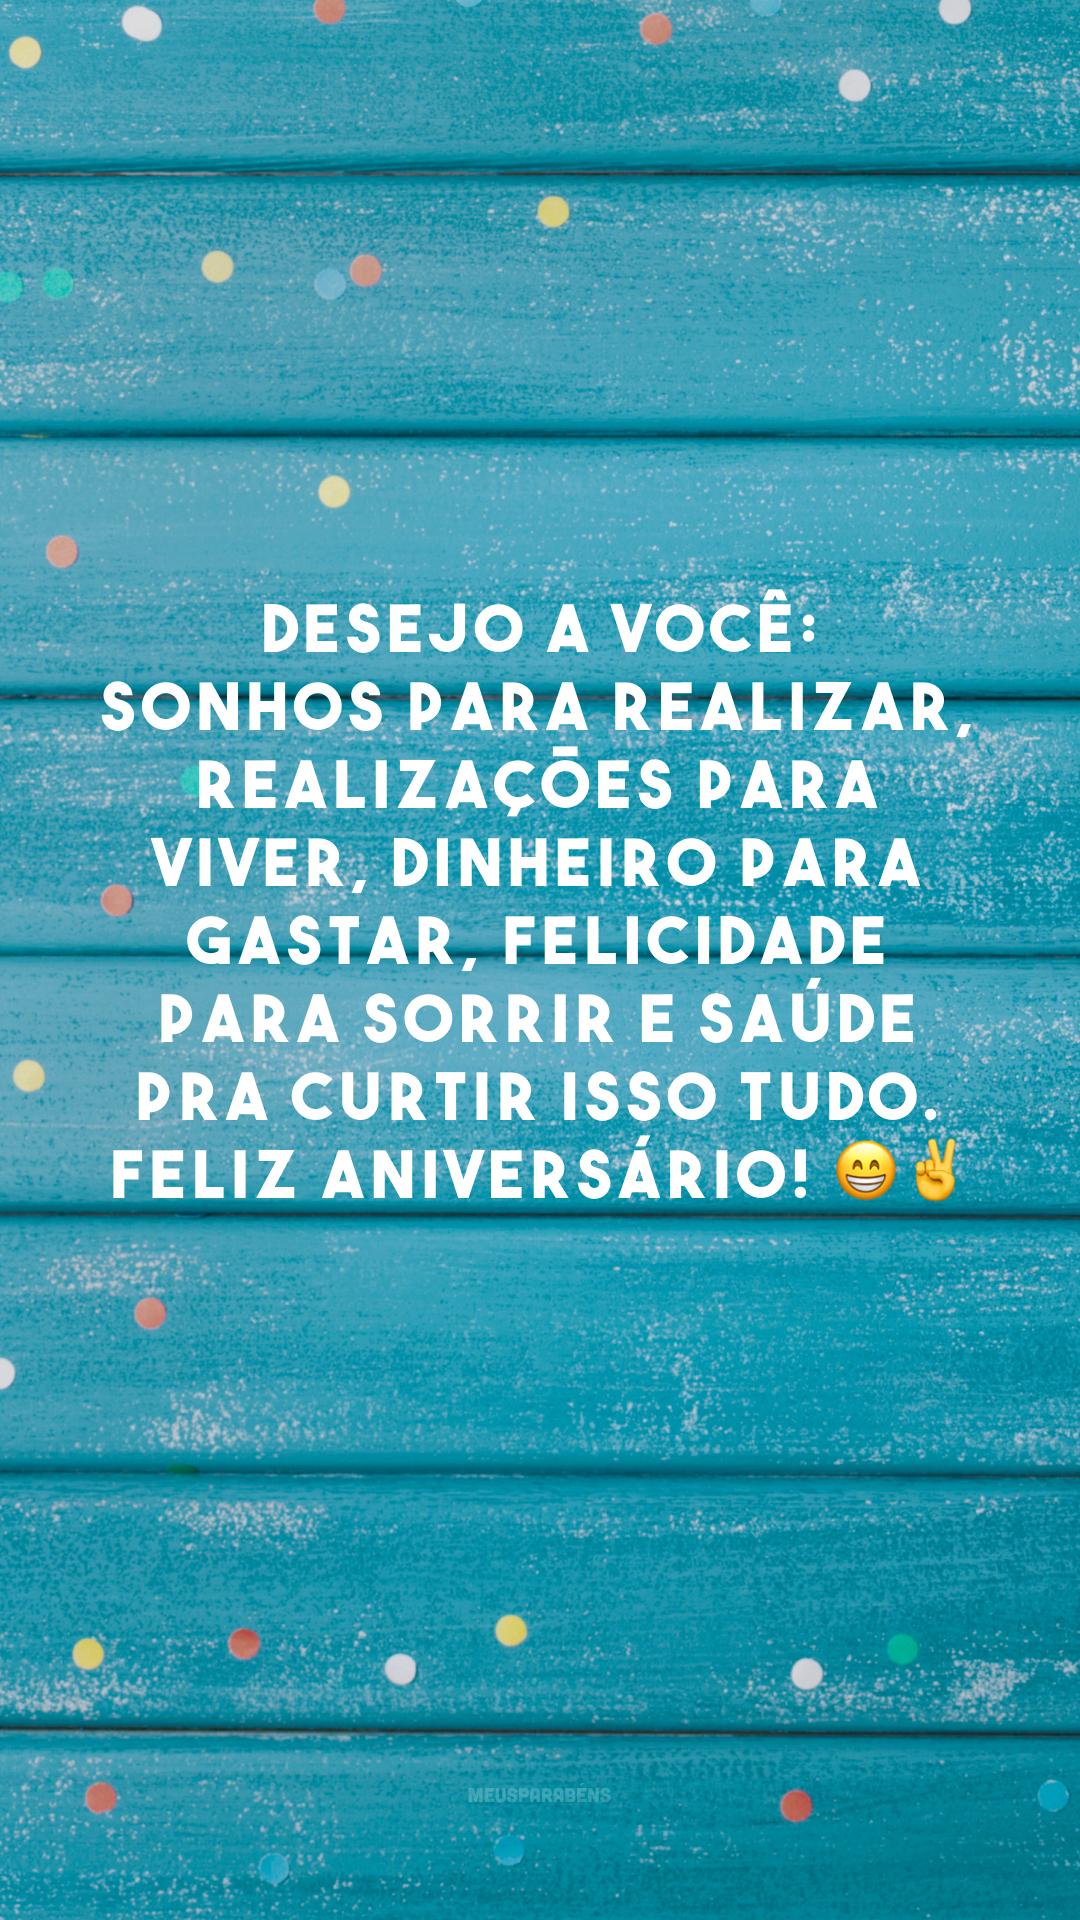 Desejo a você: sonhos para realizar, realizações para viver, dinheiro para gastar, felicidade para sorrir e saúde pra curtir isso tudo. Feliz aniversário! 😁✌